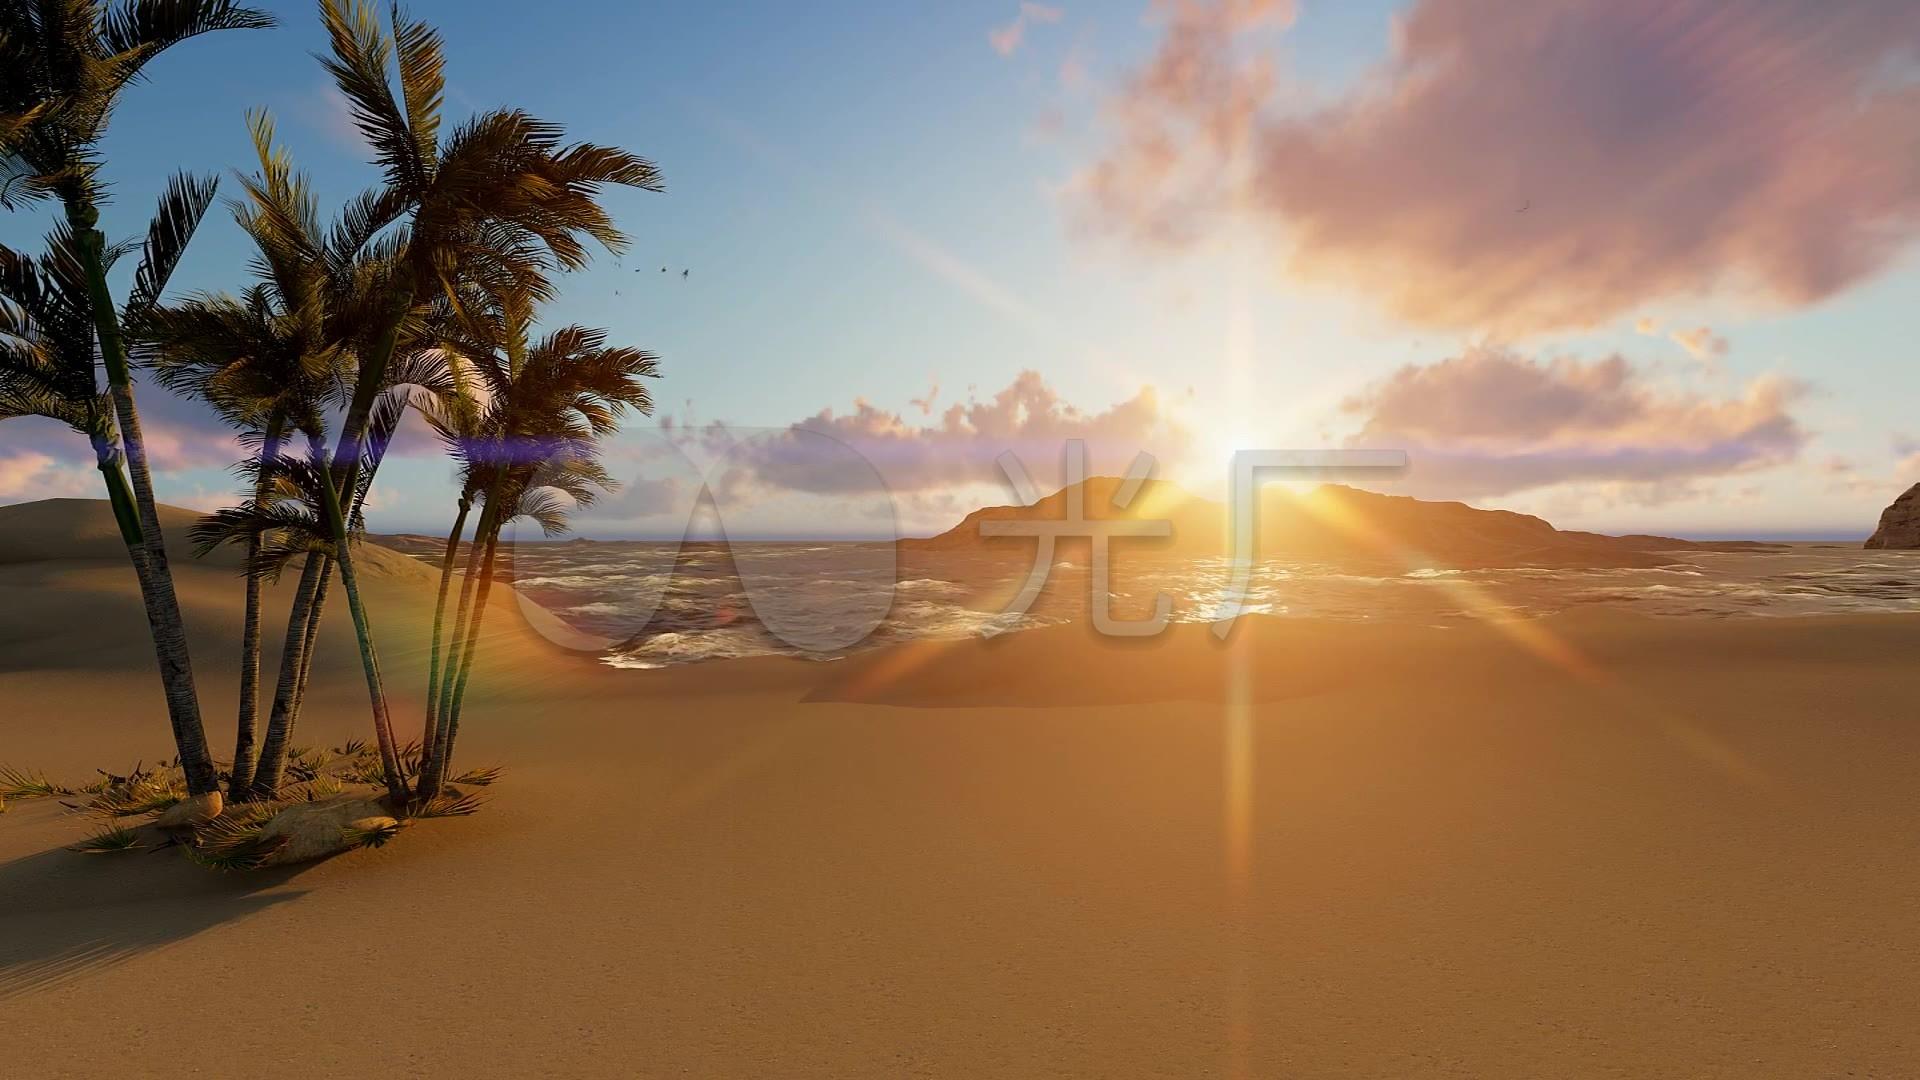 海边沙滩阳光椰子树_1920x1080_高清视频素材下载(:)